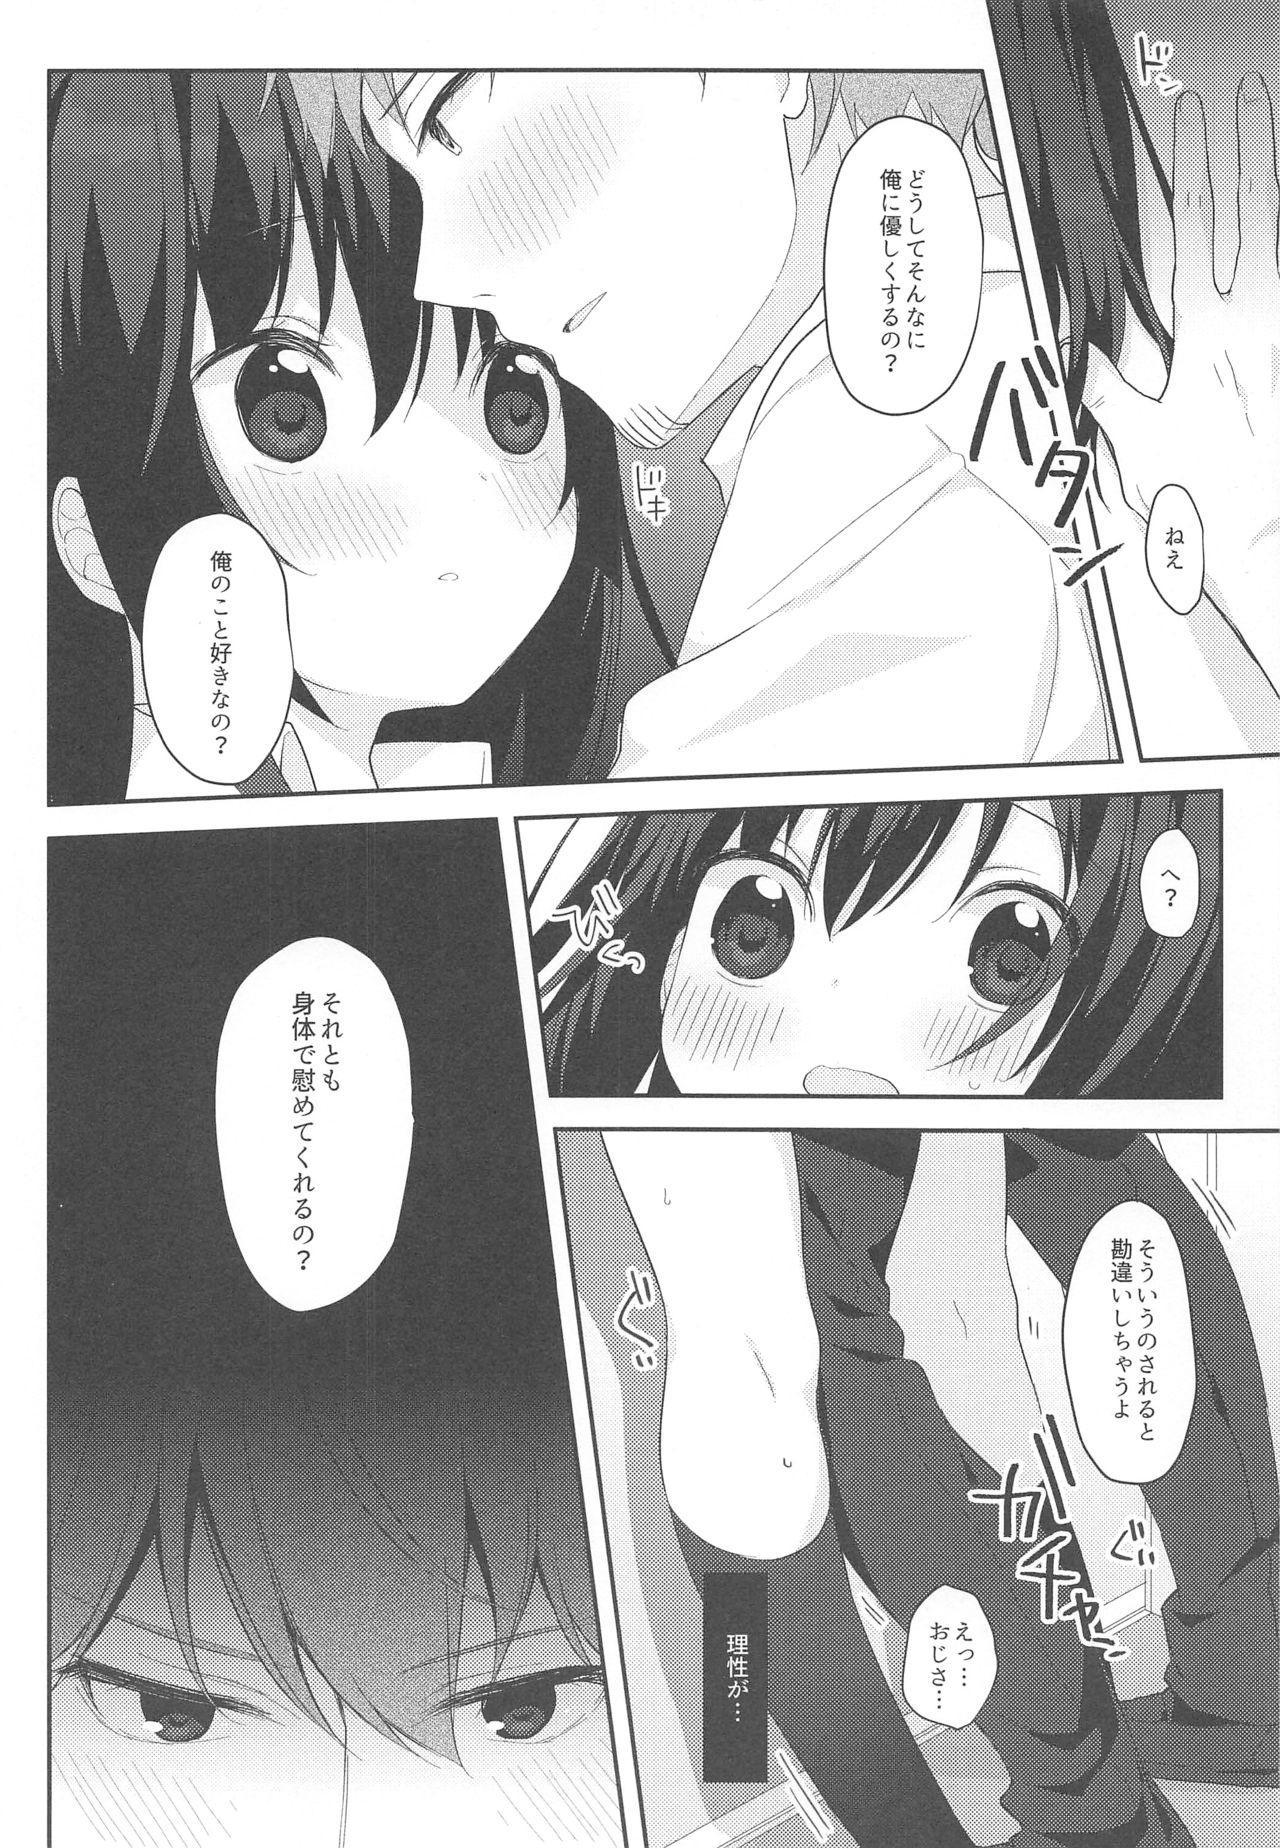 12-sai Sa no Himitsu Renai 14